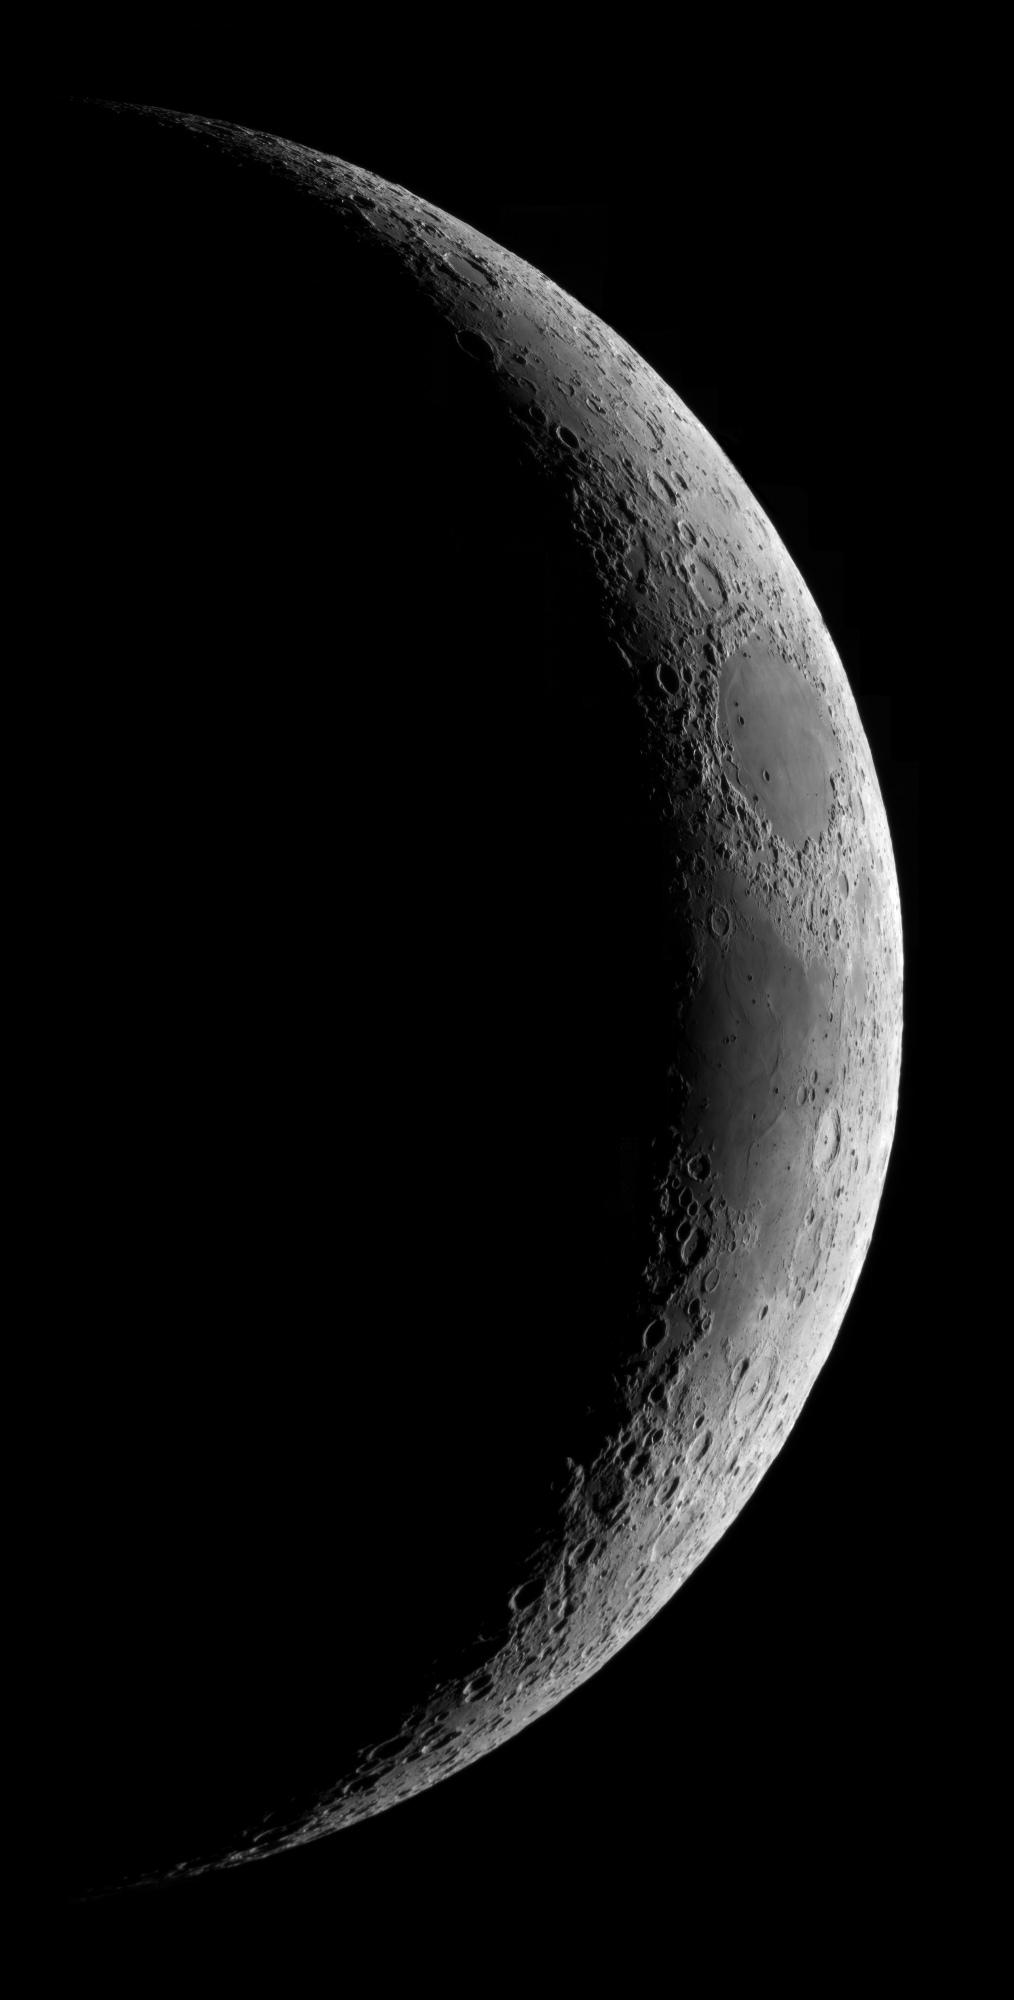 5ea708769d9f7_lune260420(C8-B2x-70).thumb.jpg.064feb9e722a8e0f7553761e6e869c5d.jpg